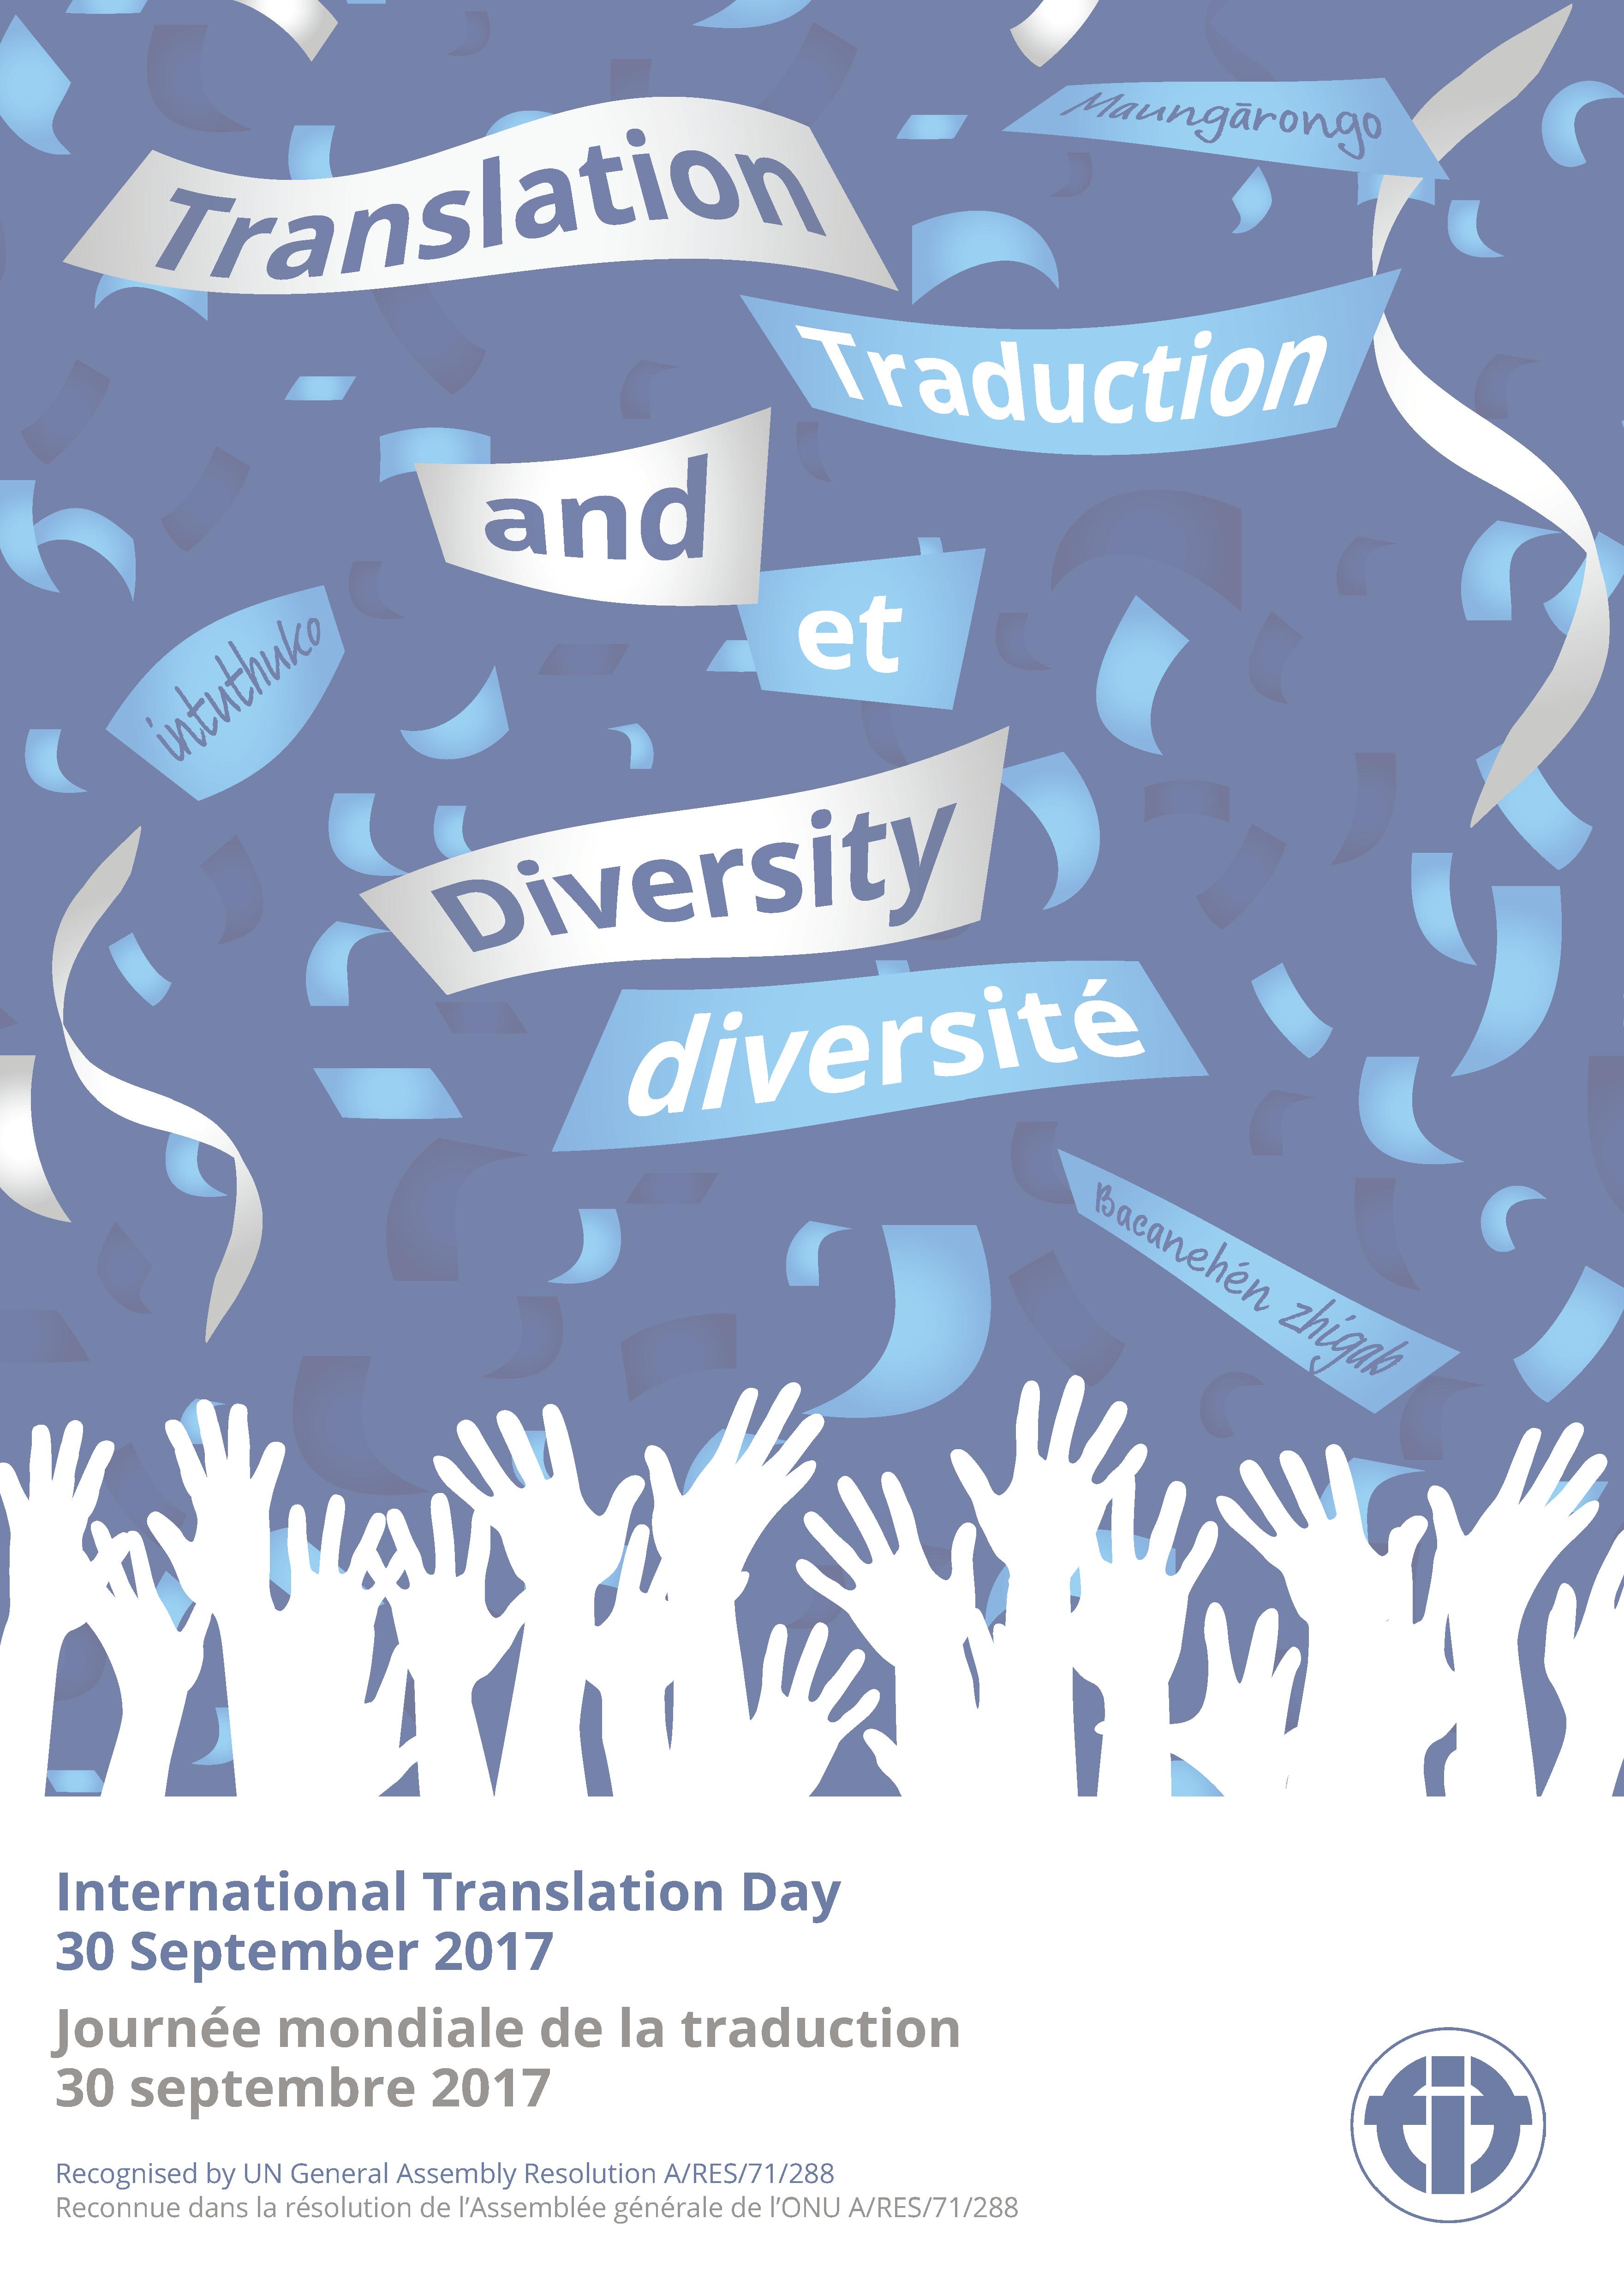 Поздравляем с Международным днем переводов!